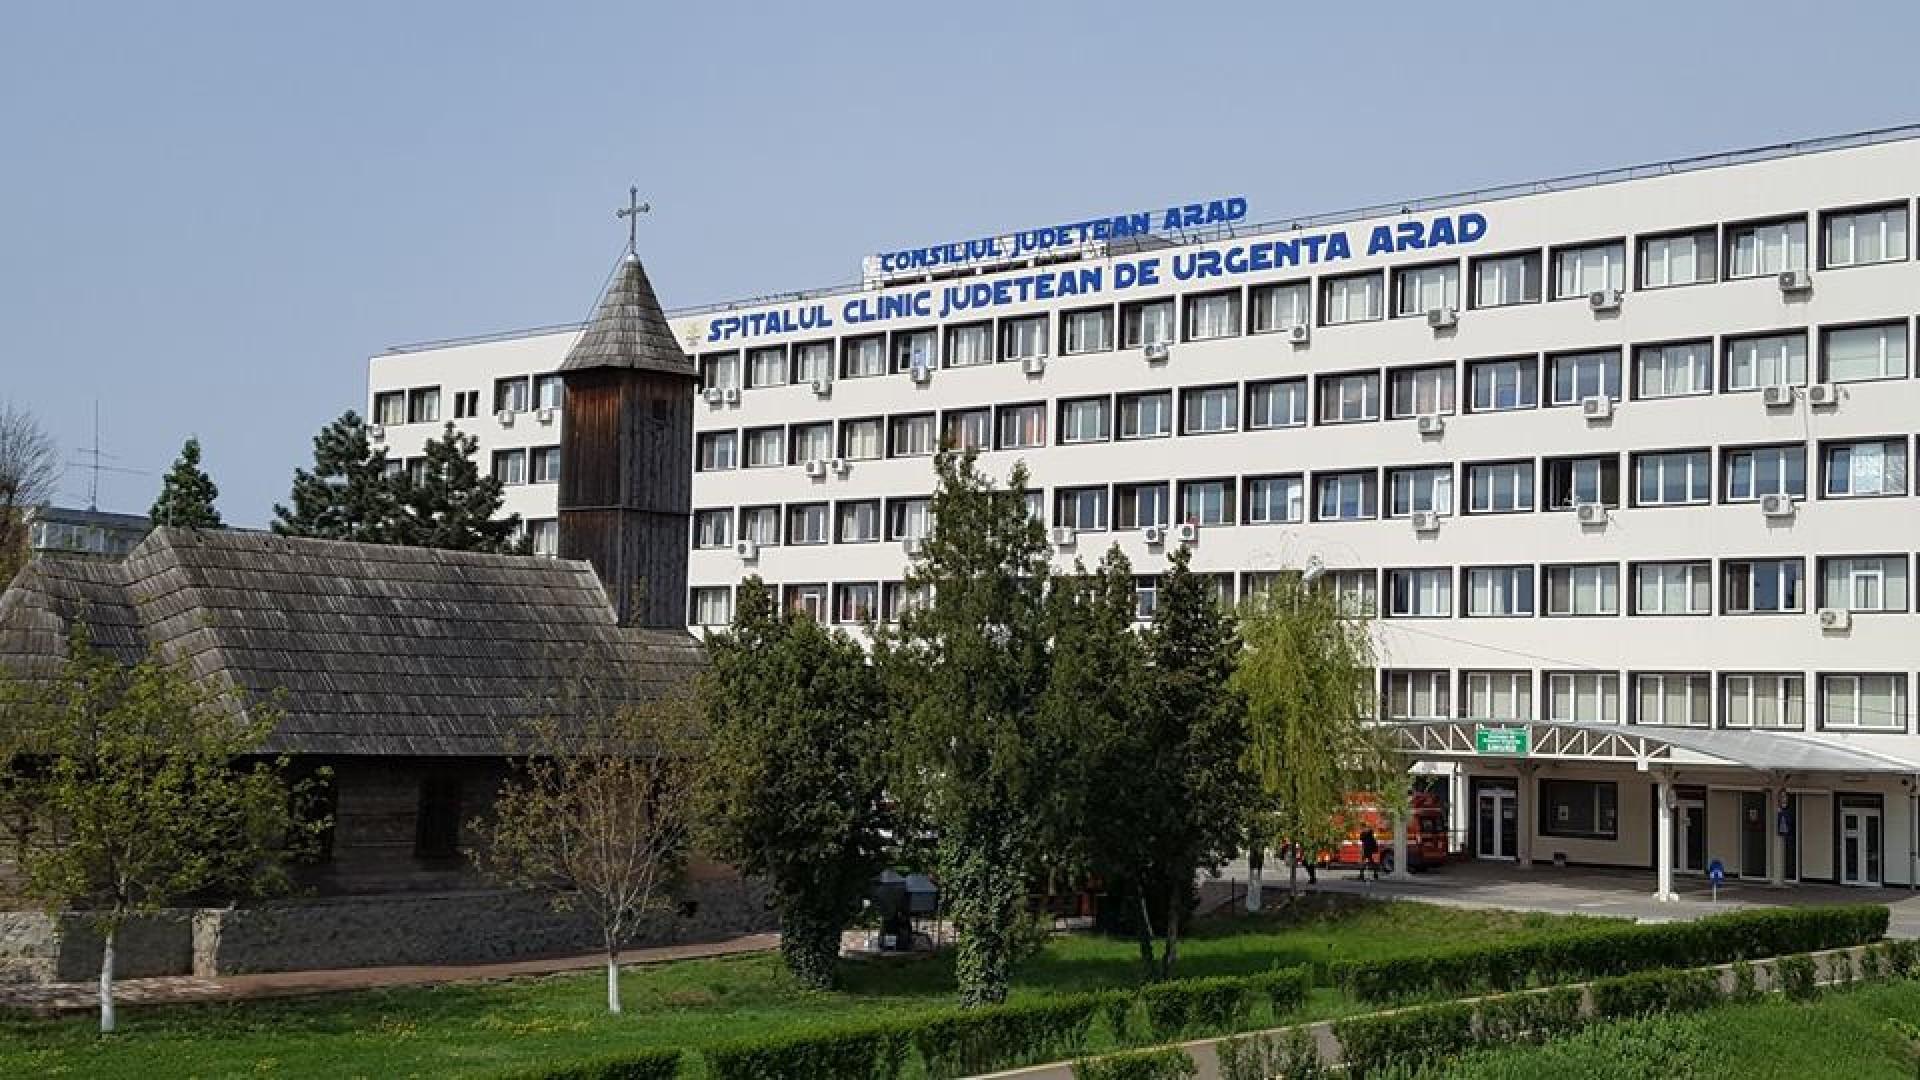 Coronavirus: Noi echipamente medicale pentru Spitalul Județean de Urgență Arad